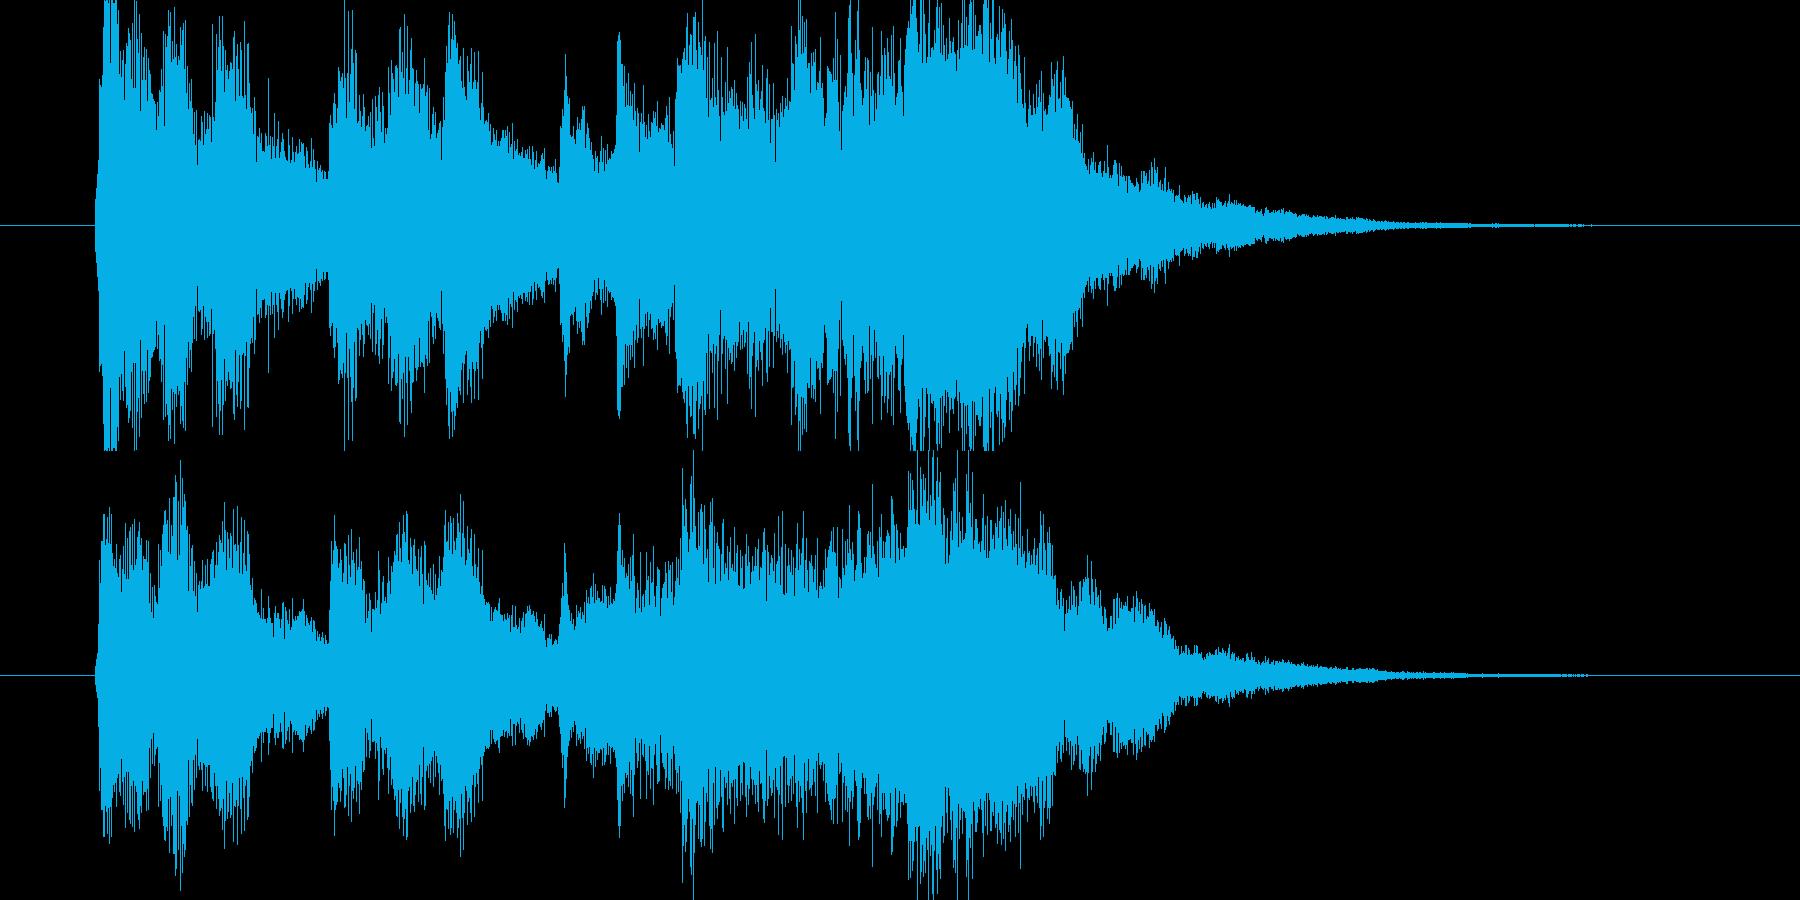 ディズニーっぽいストリングスのジングルの再生済みの波形